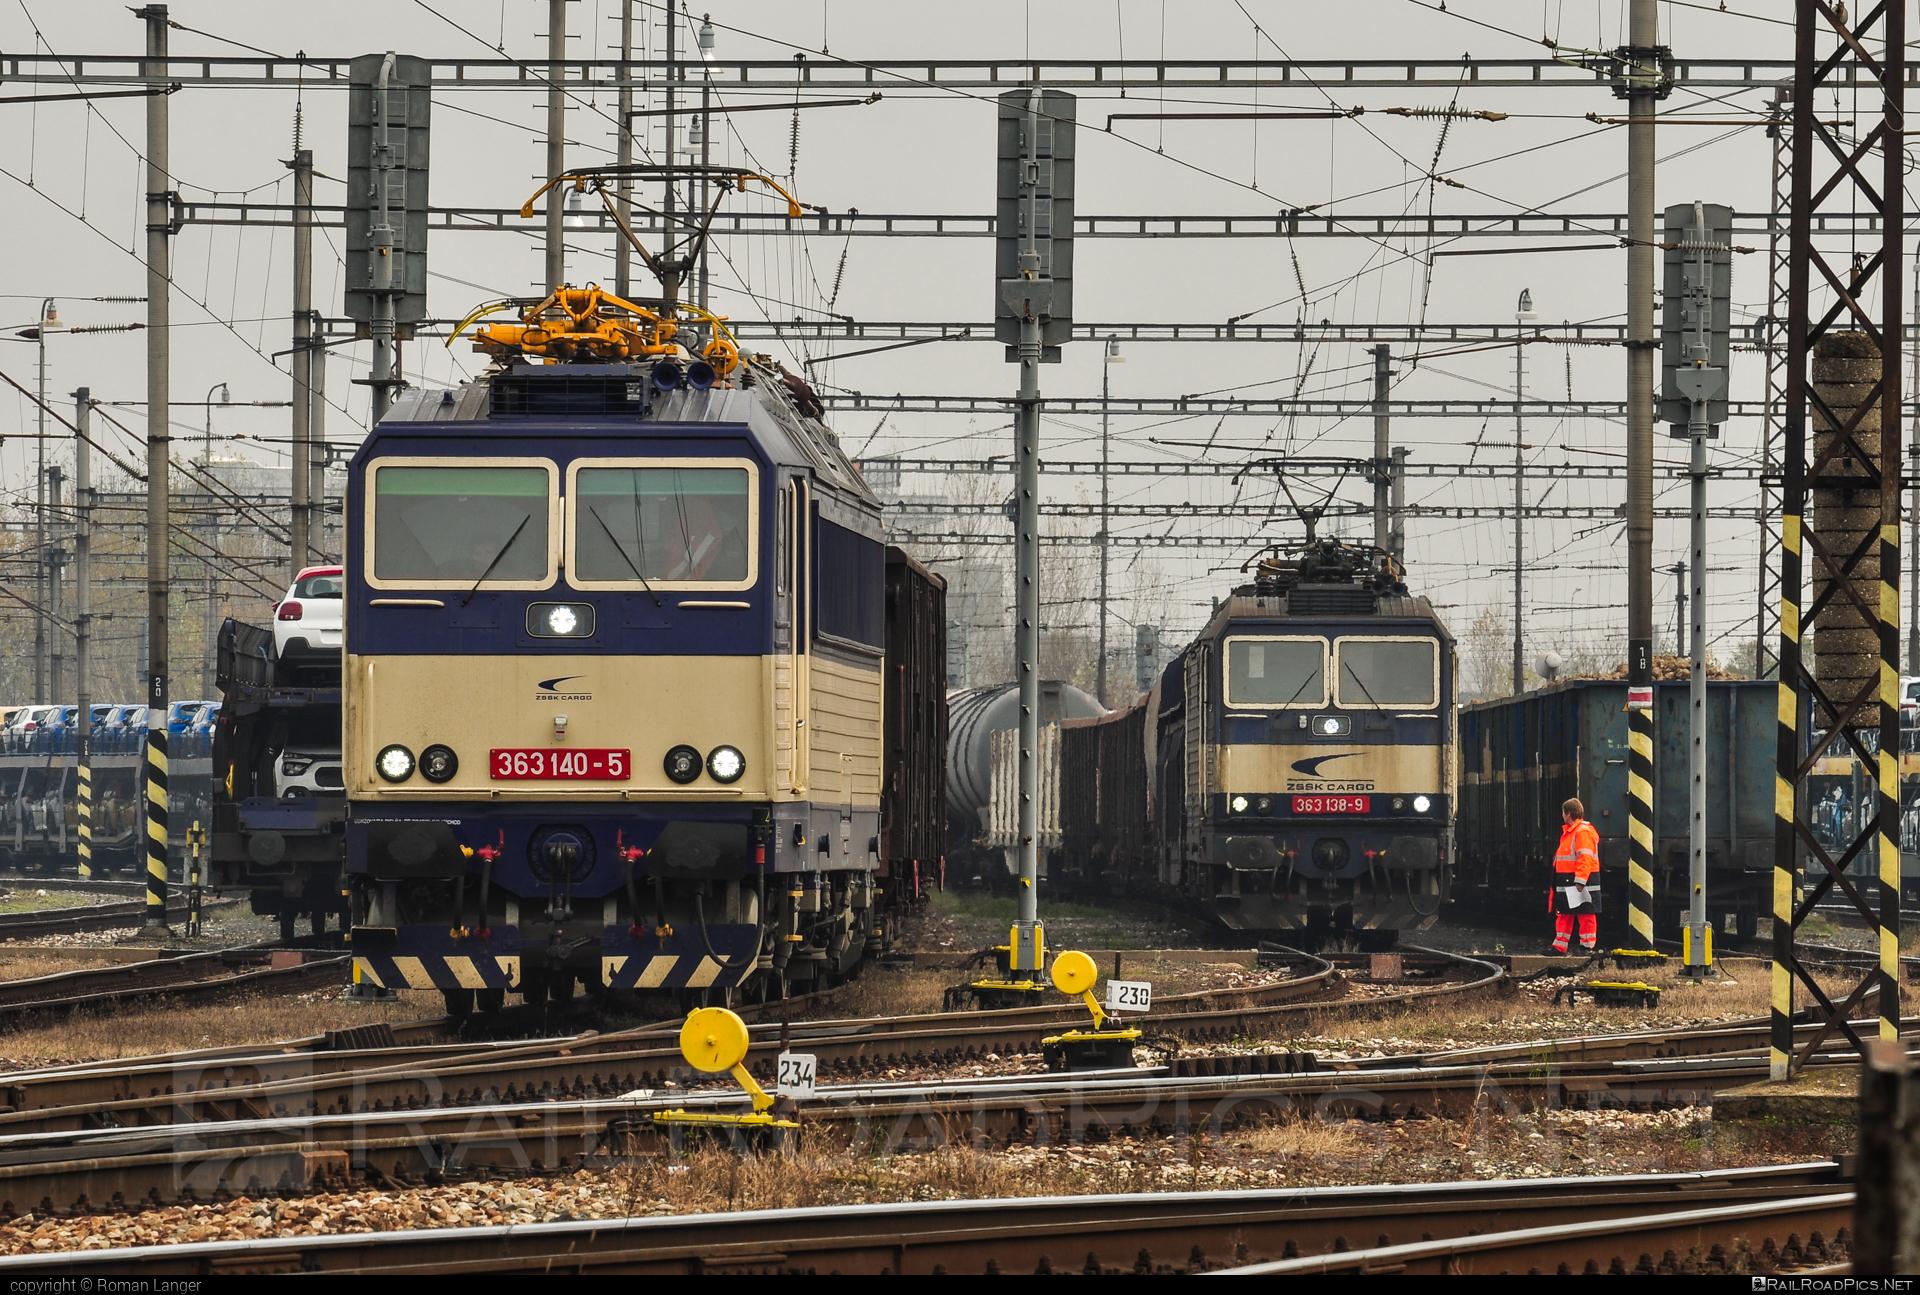 Škoda 69E - 363 140-5 operated by Železničná Spoločnost' Cargo Slovakia a.s. #ZeleznicnaSpolocnostCargoSlovakia #es4991 #eso #locomotive363 #skoda #skoda69e #zsskcargo